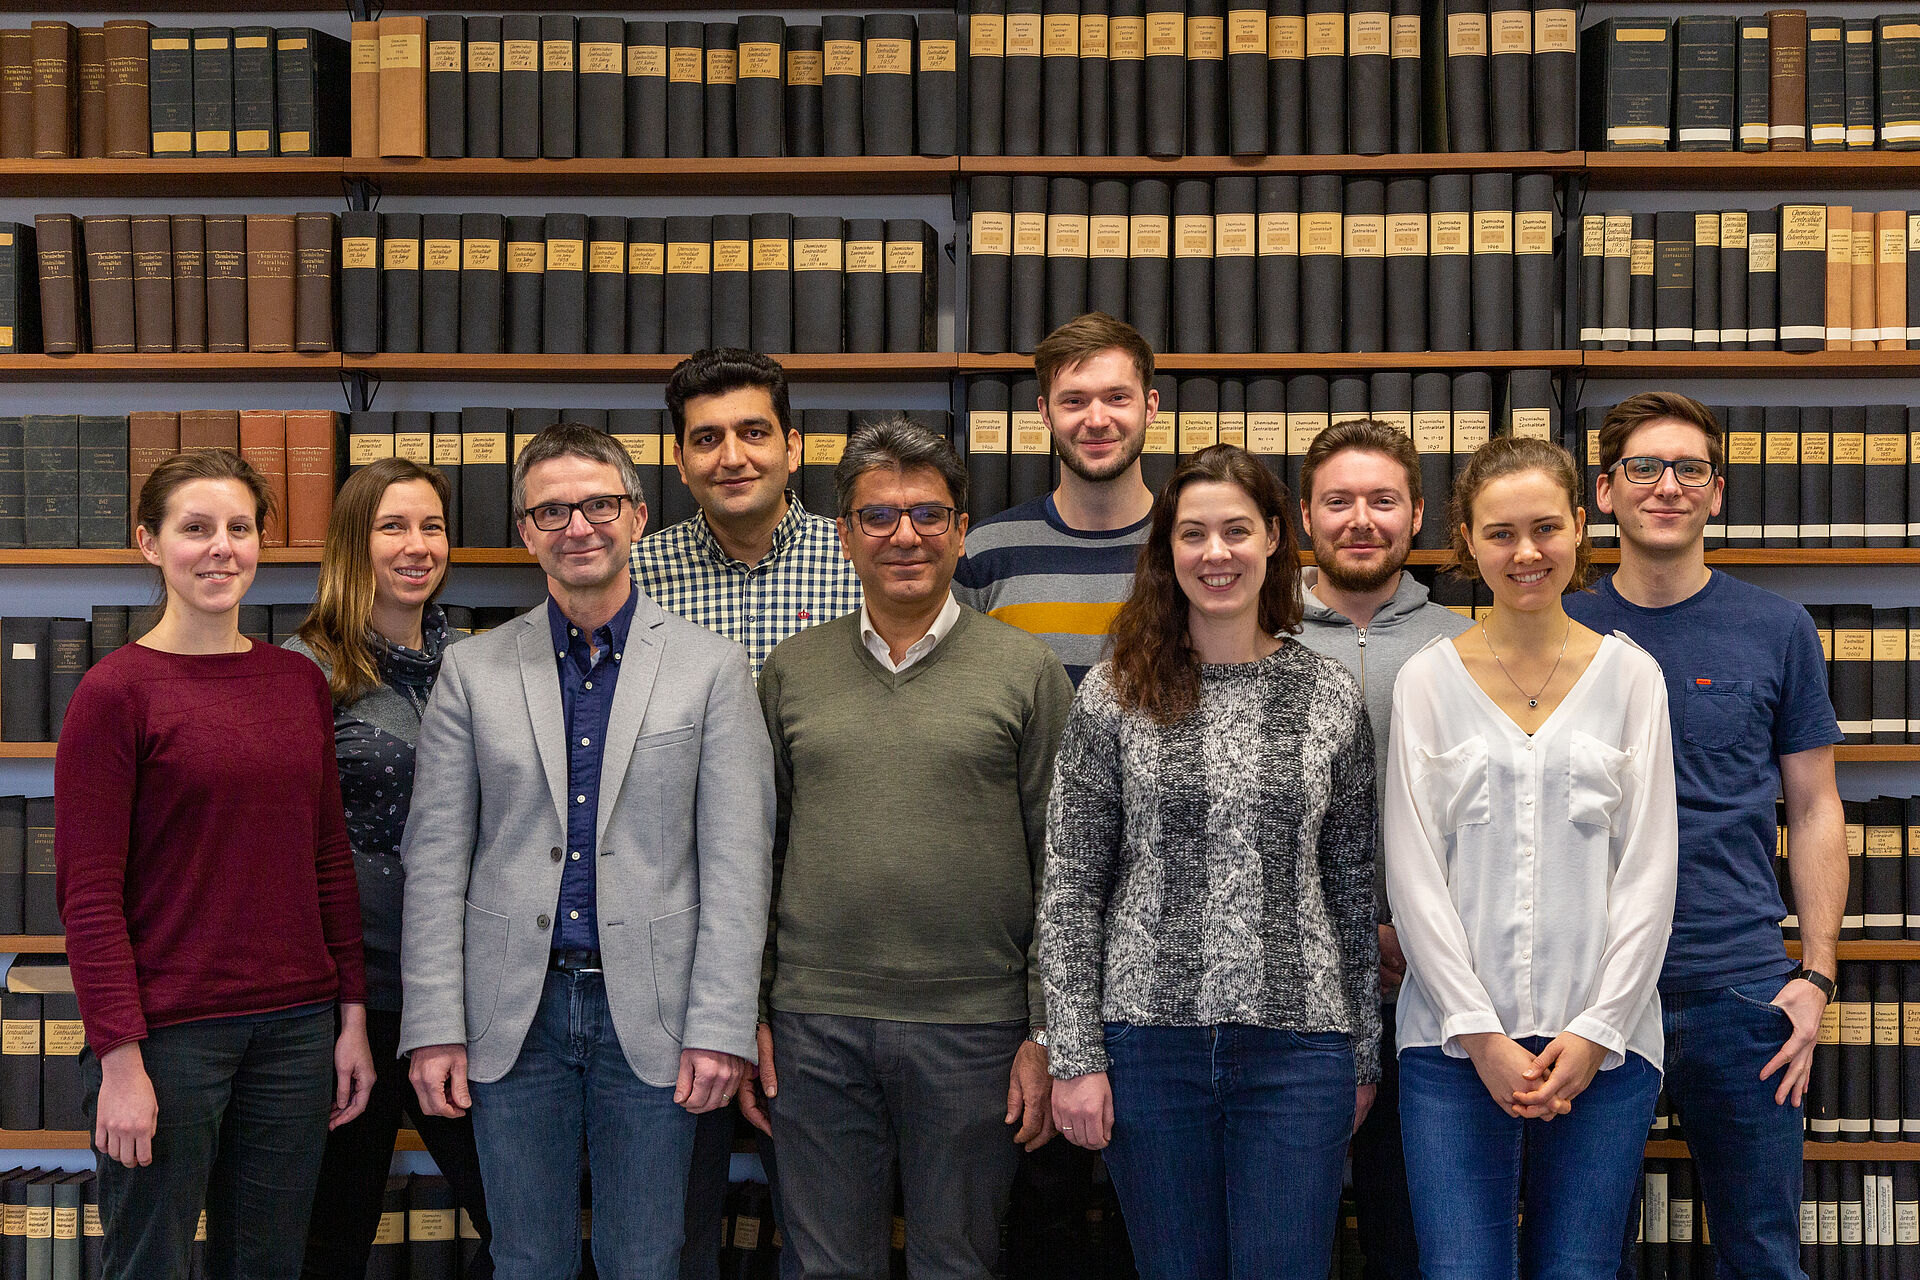 Gruppenfoto des Arbeitskreises Prof. Dr. Knut Baumann, aufgenommen in der alten Bibliothek.